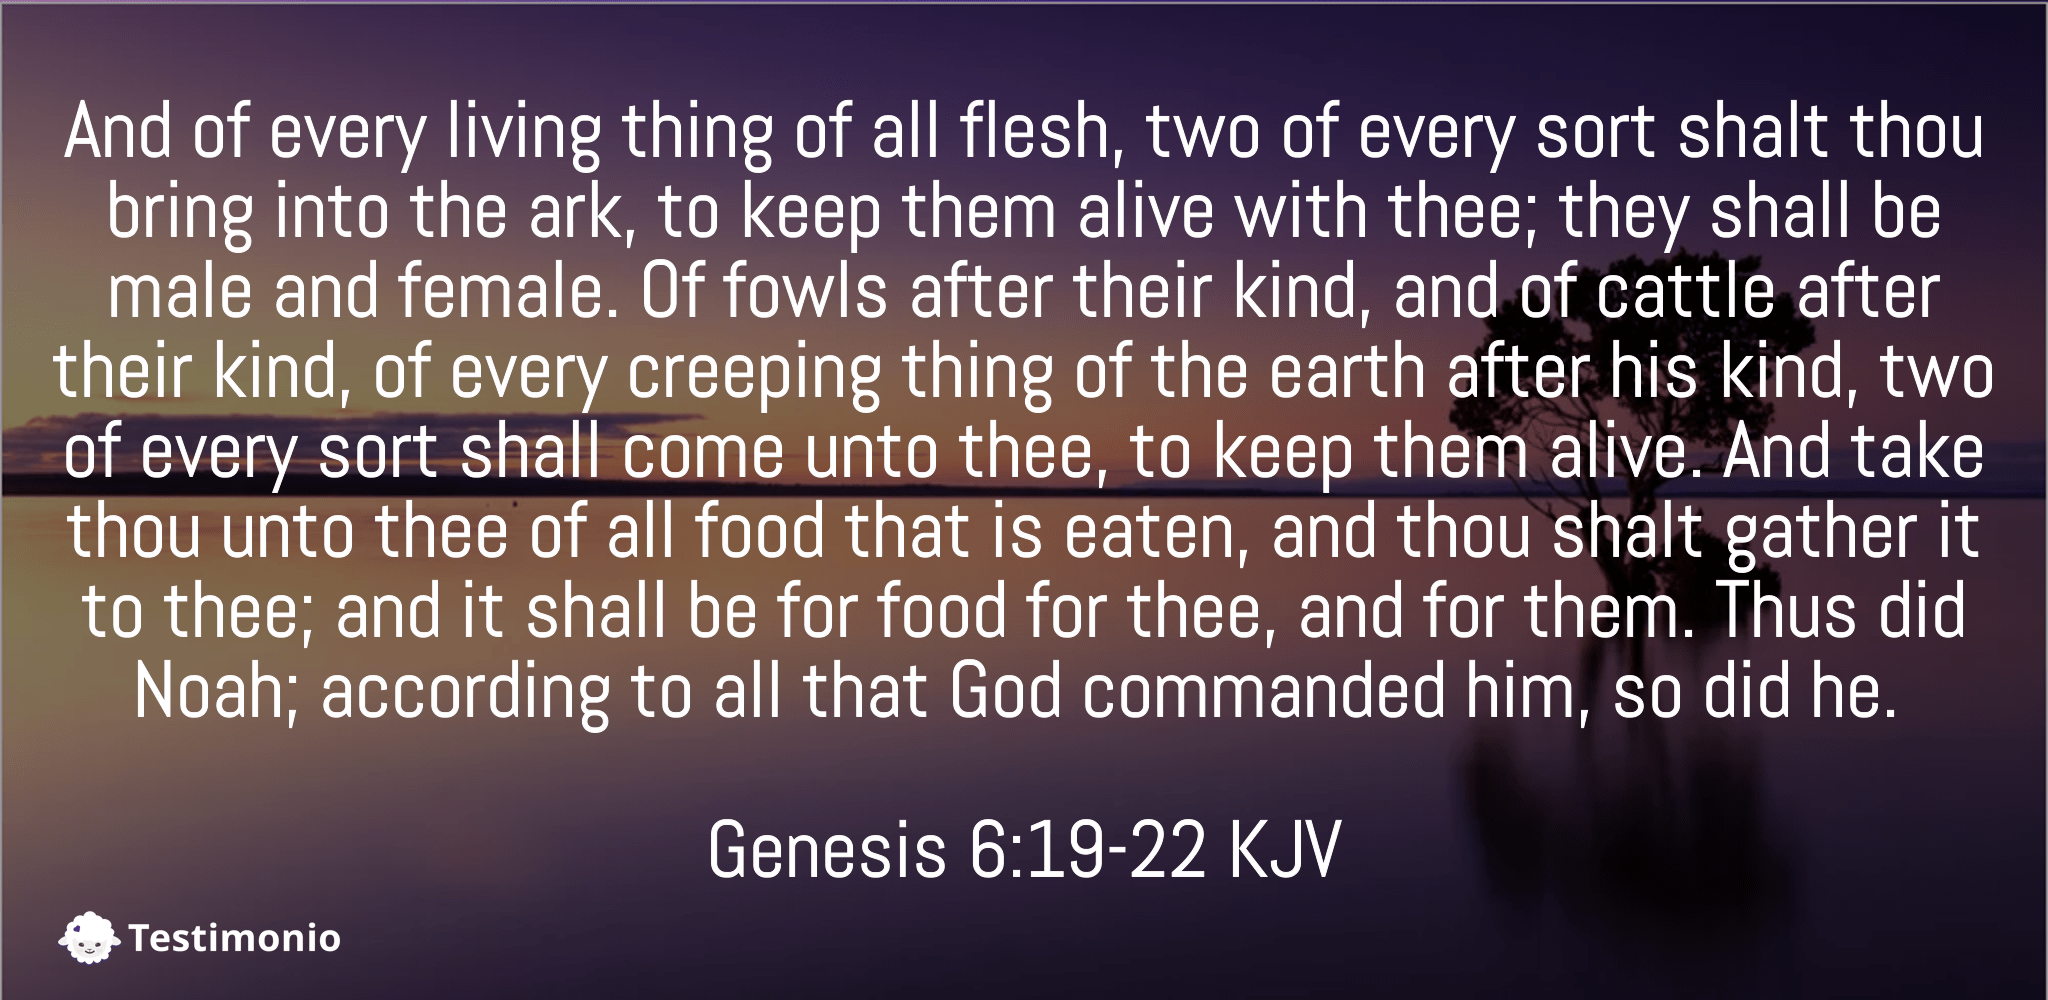 Genesis 6:19-22